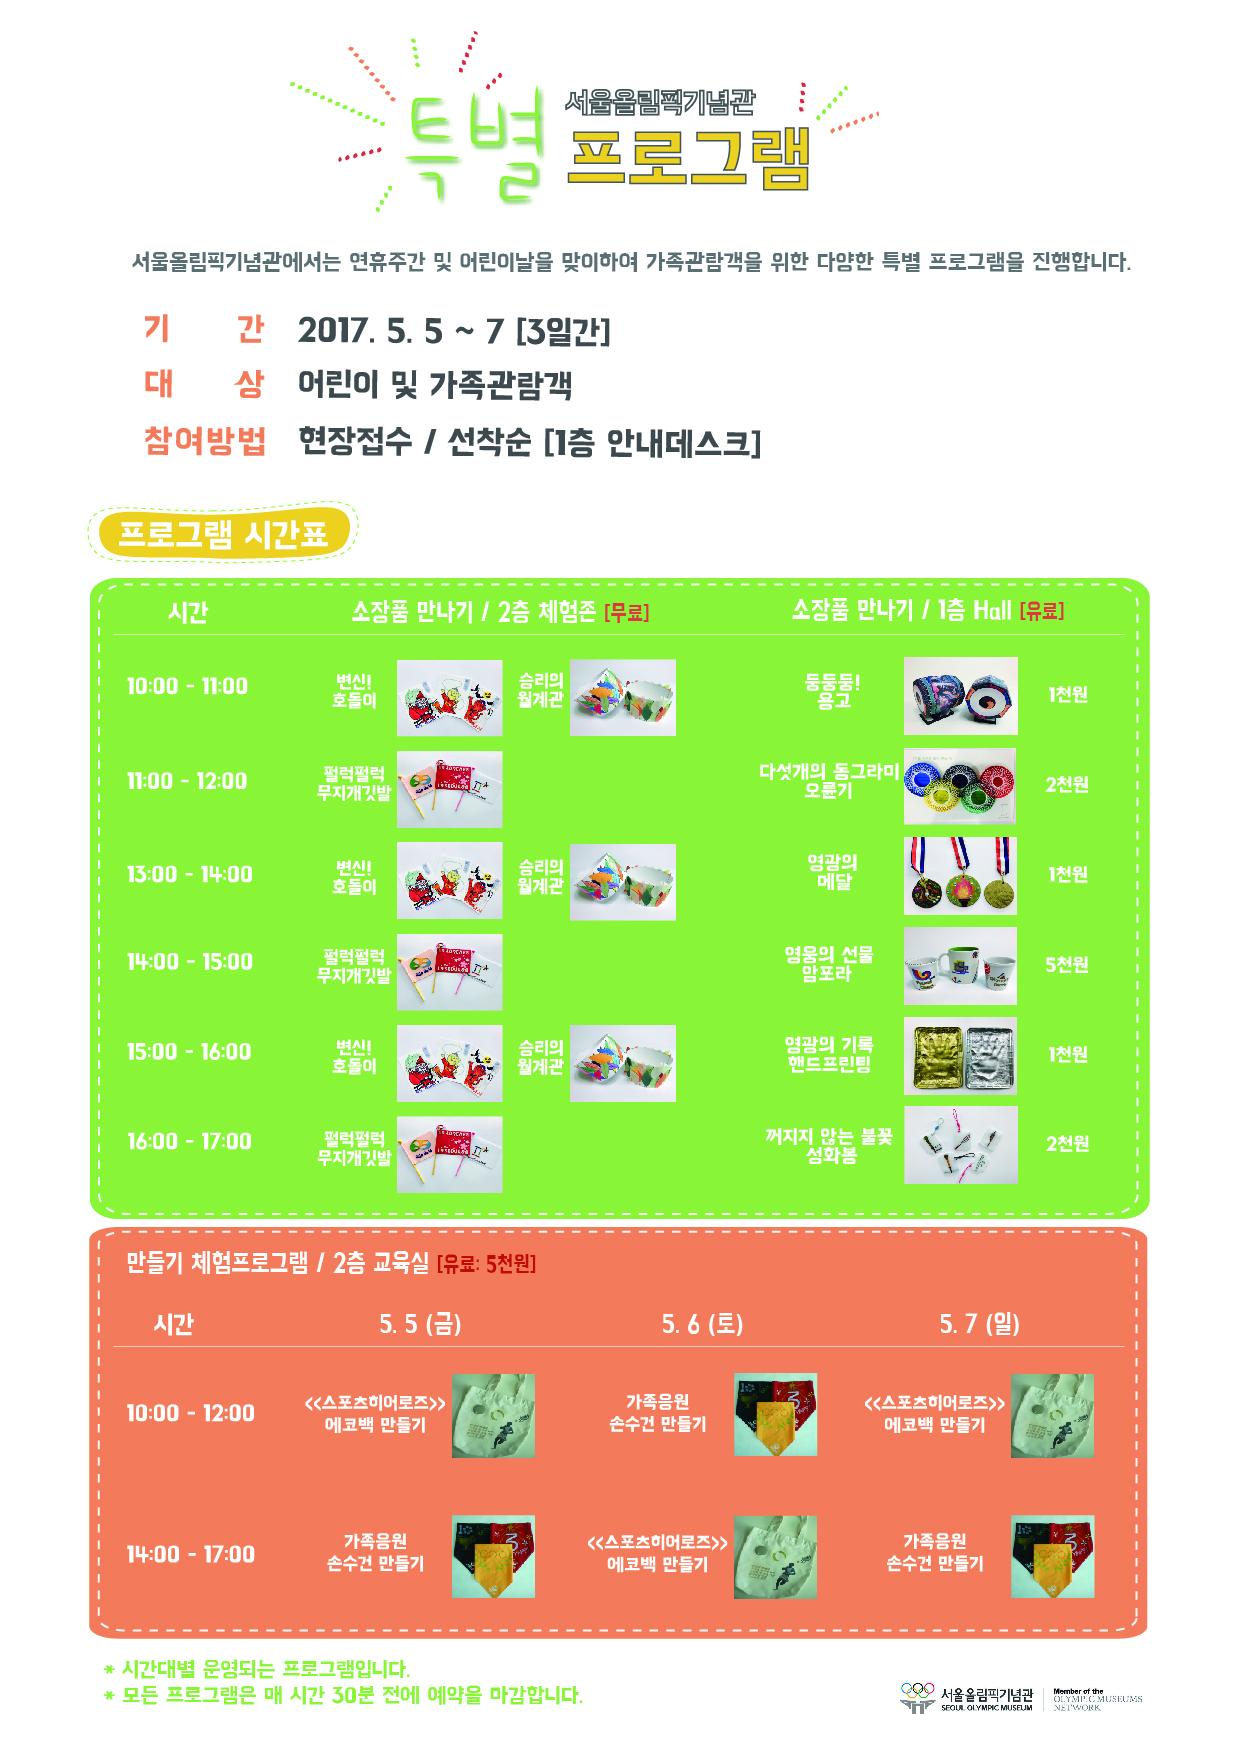 [어린이날]-교육-프로그램-시간표.jpg